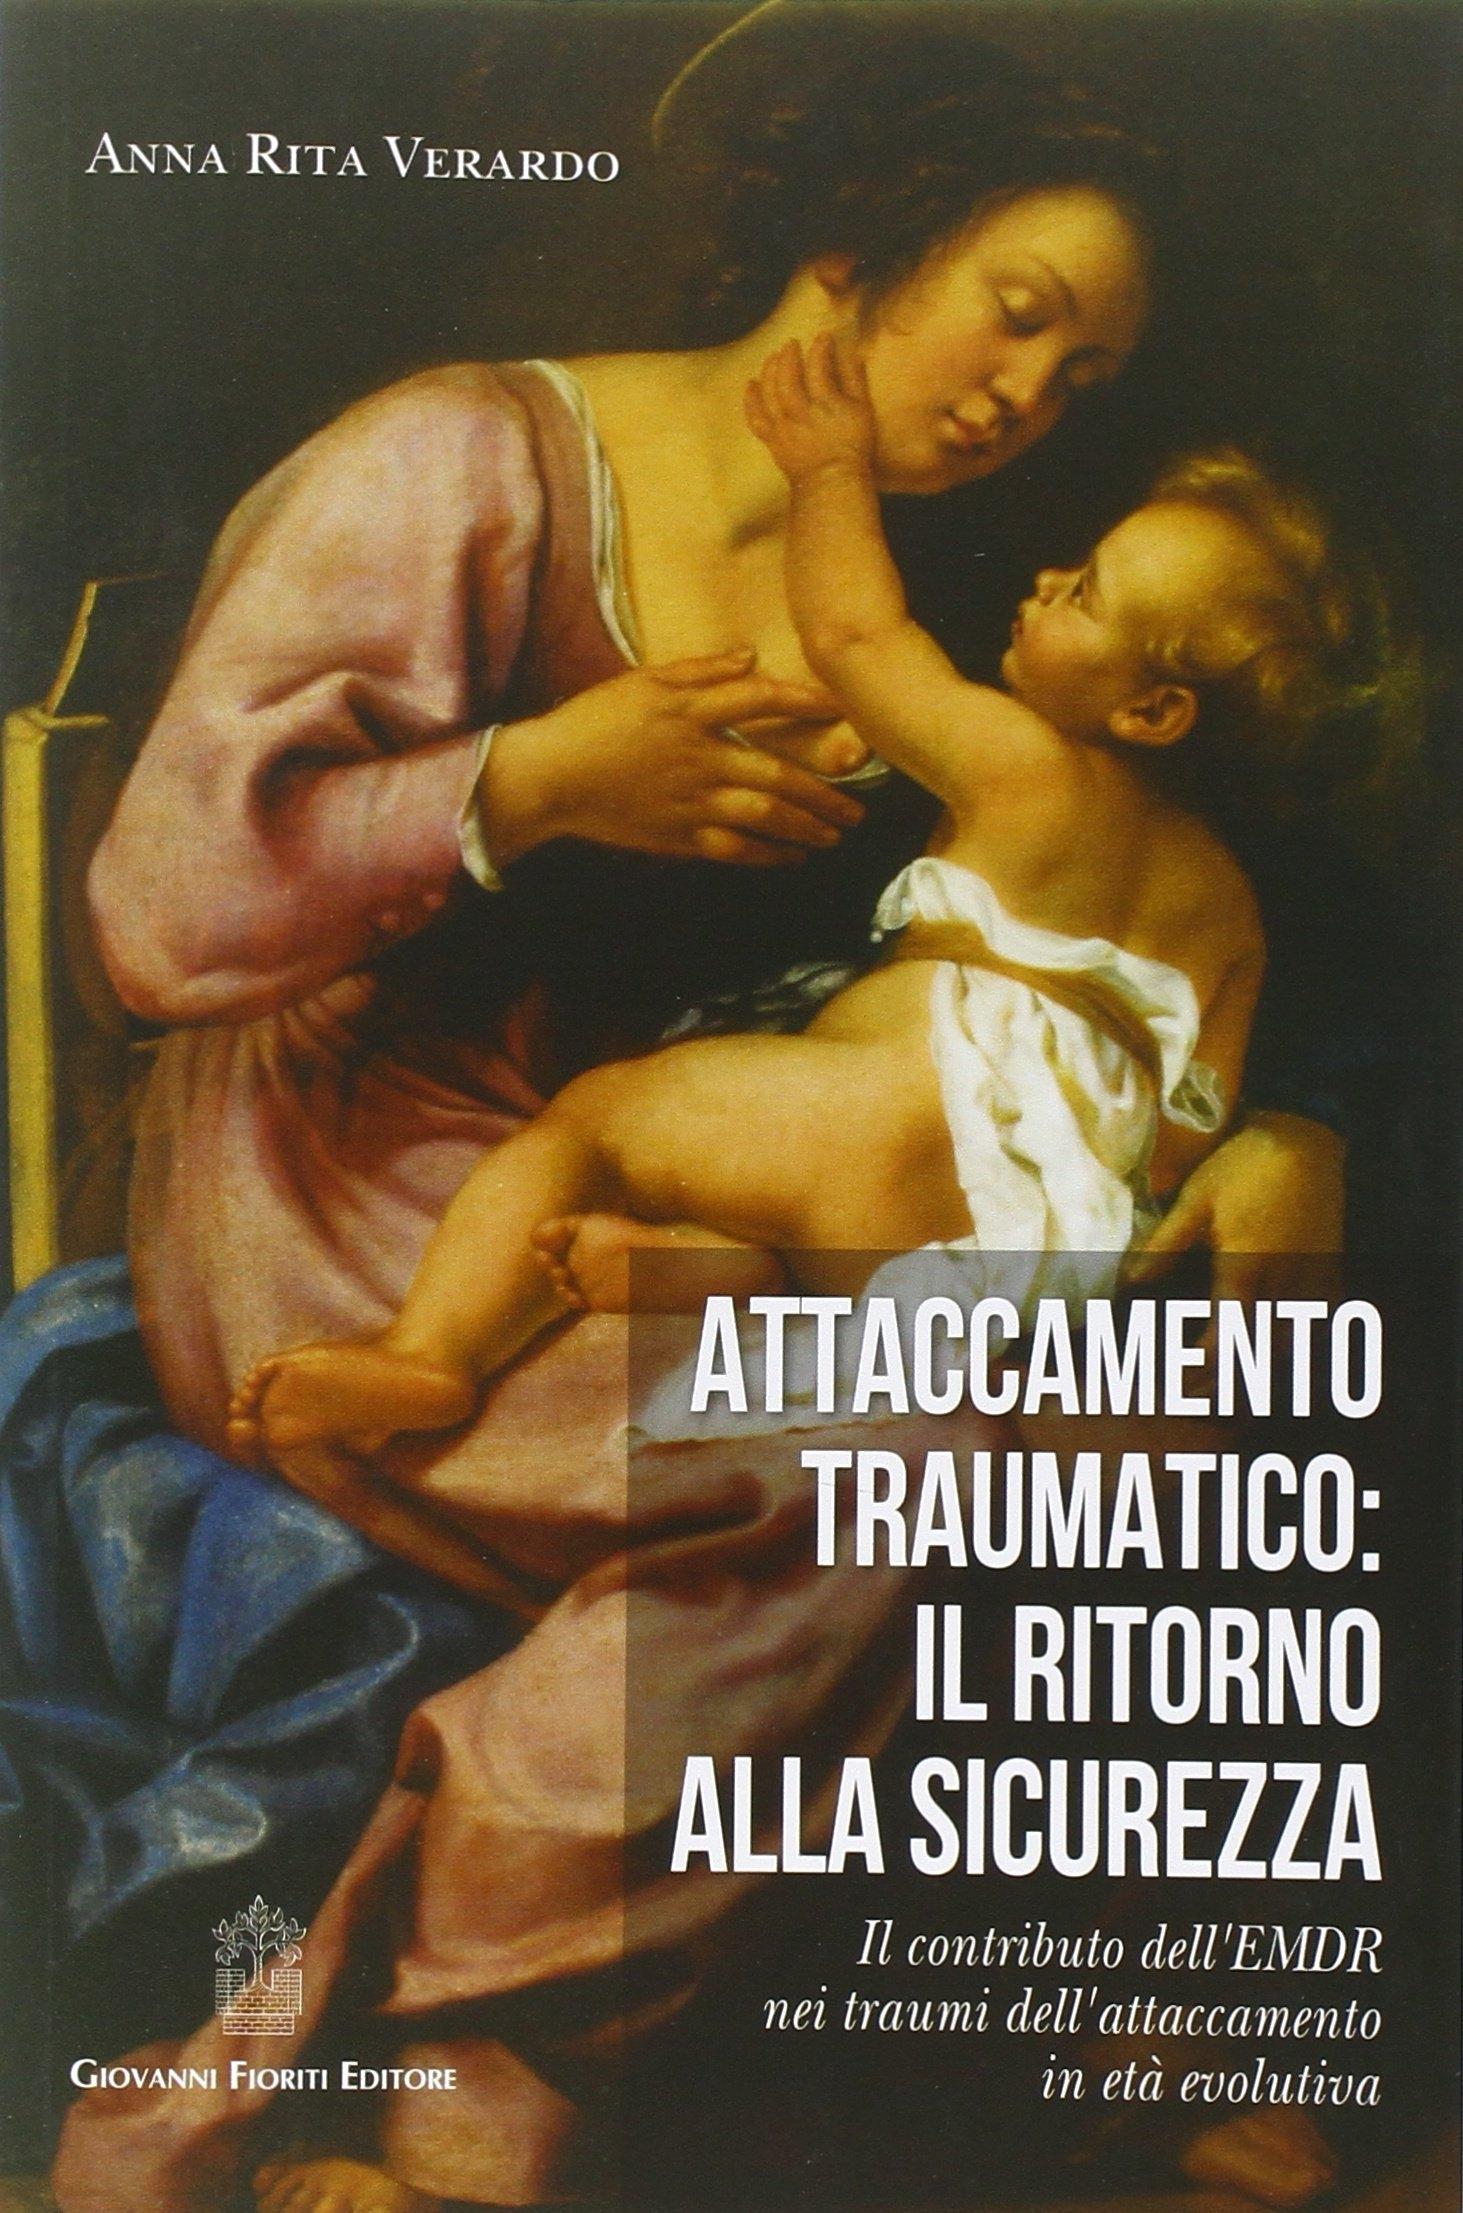 Attaccamento traumatico. Il ritorno alla sicurezza. Il contributo dell'EMDR nei traumi dell'attaccamento in età evolutiva.